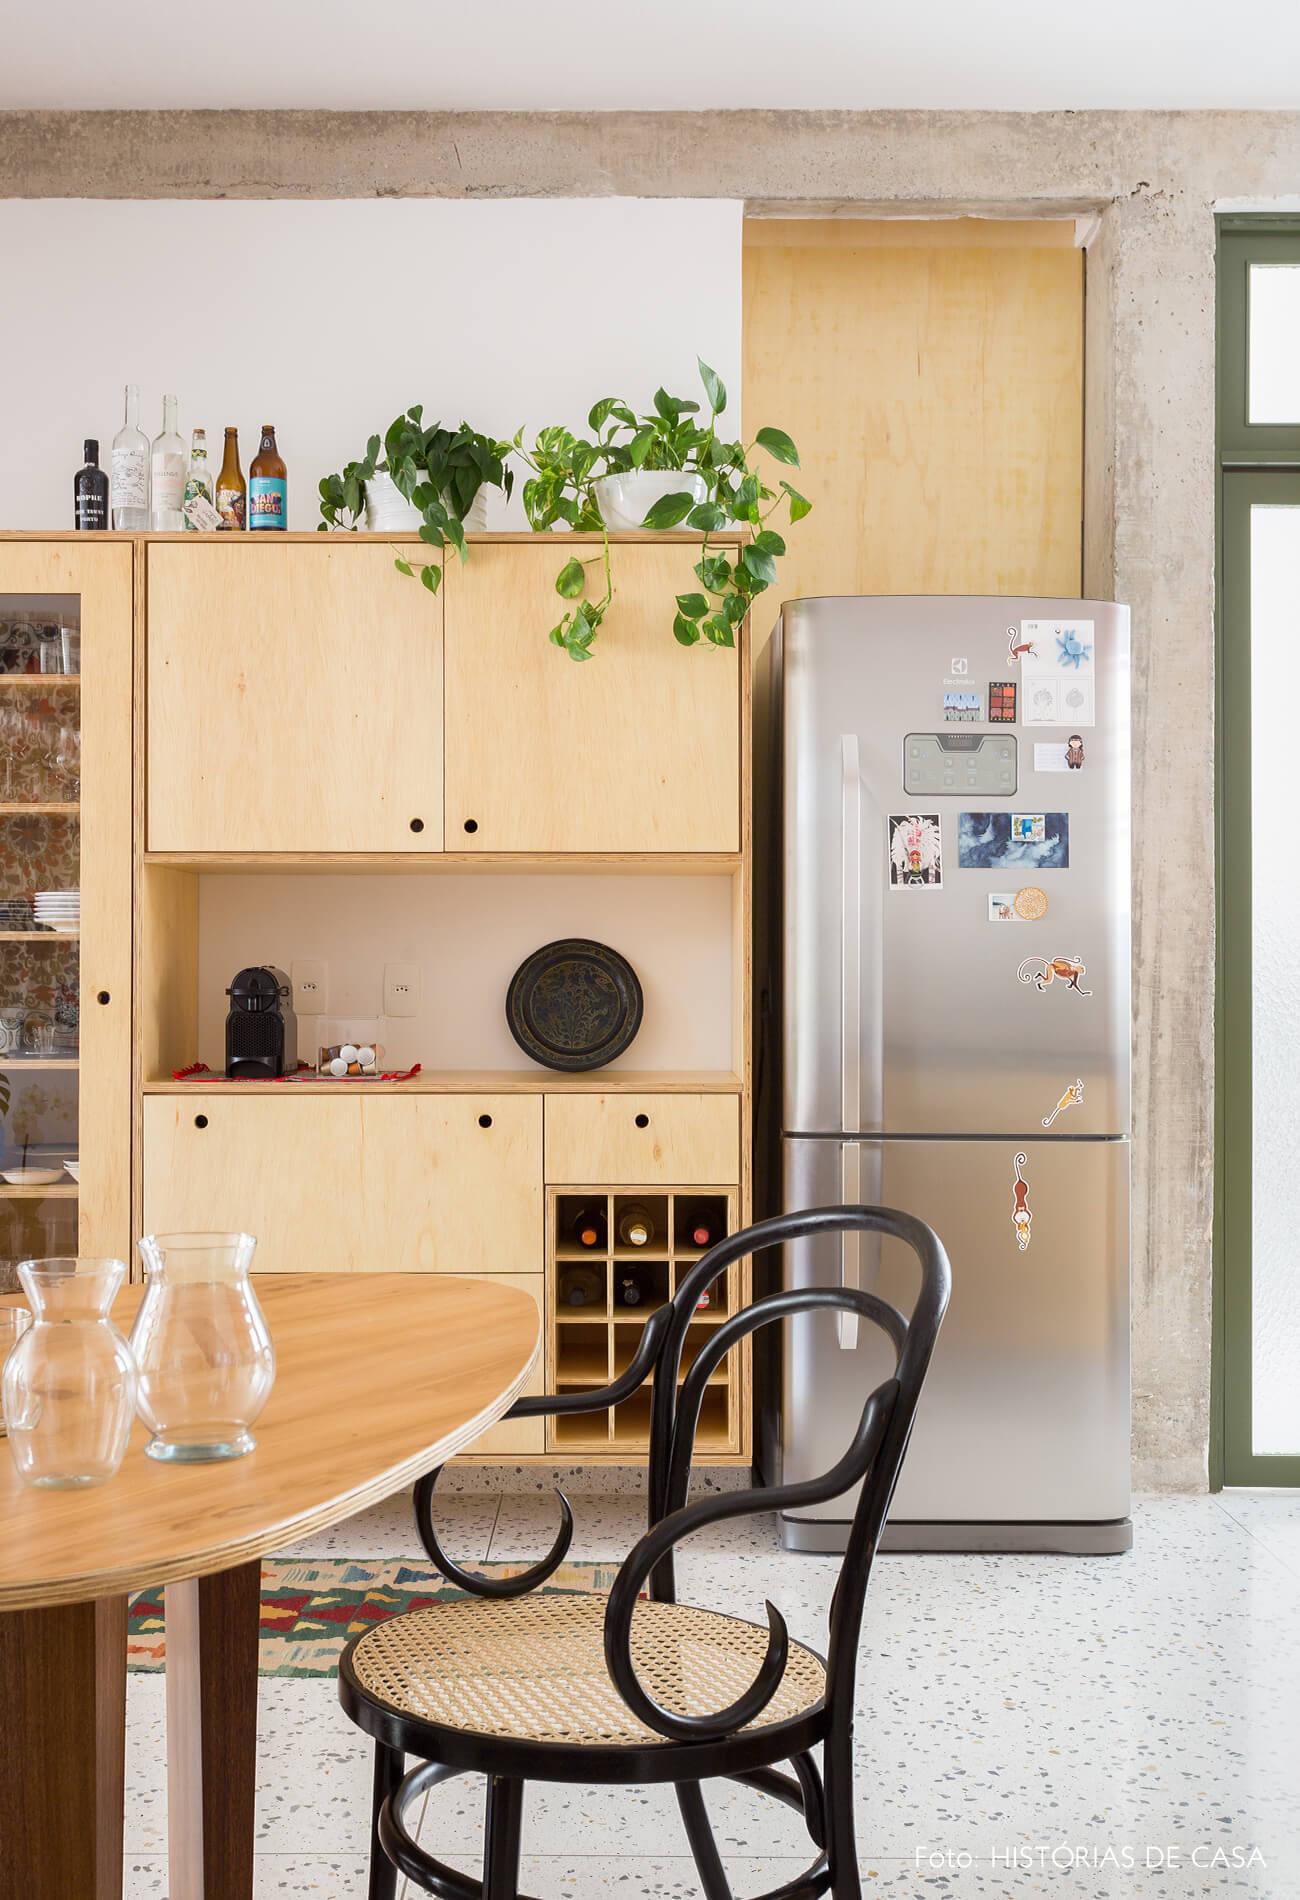 decoração cozinha com armarios de madeira marcenaria e cadeira thonet